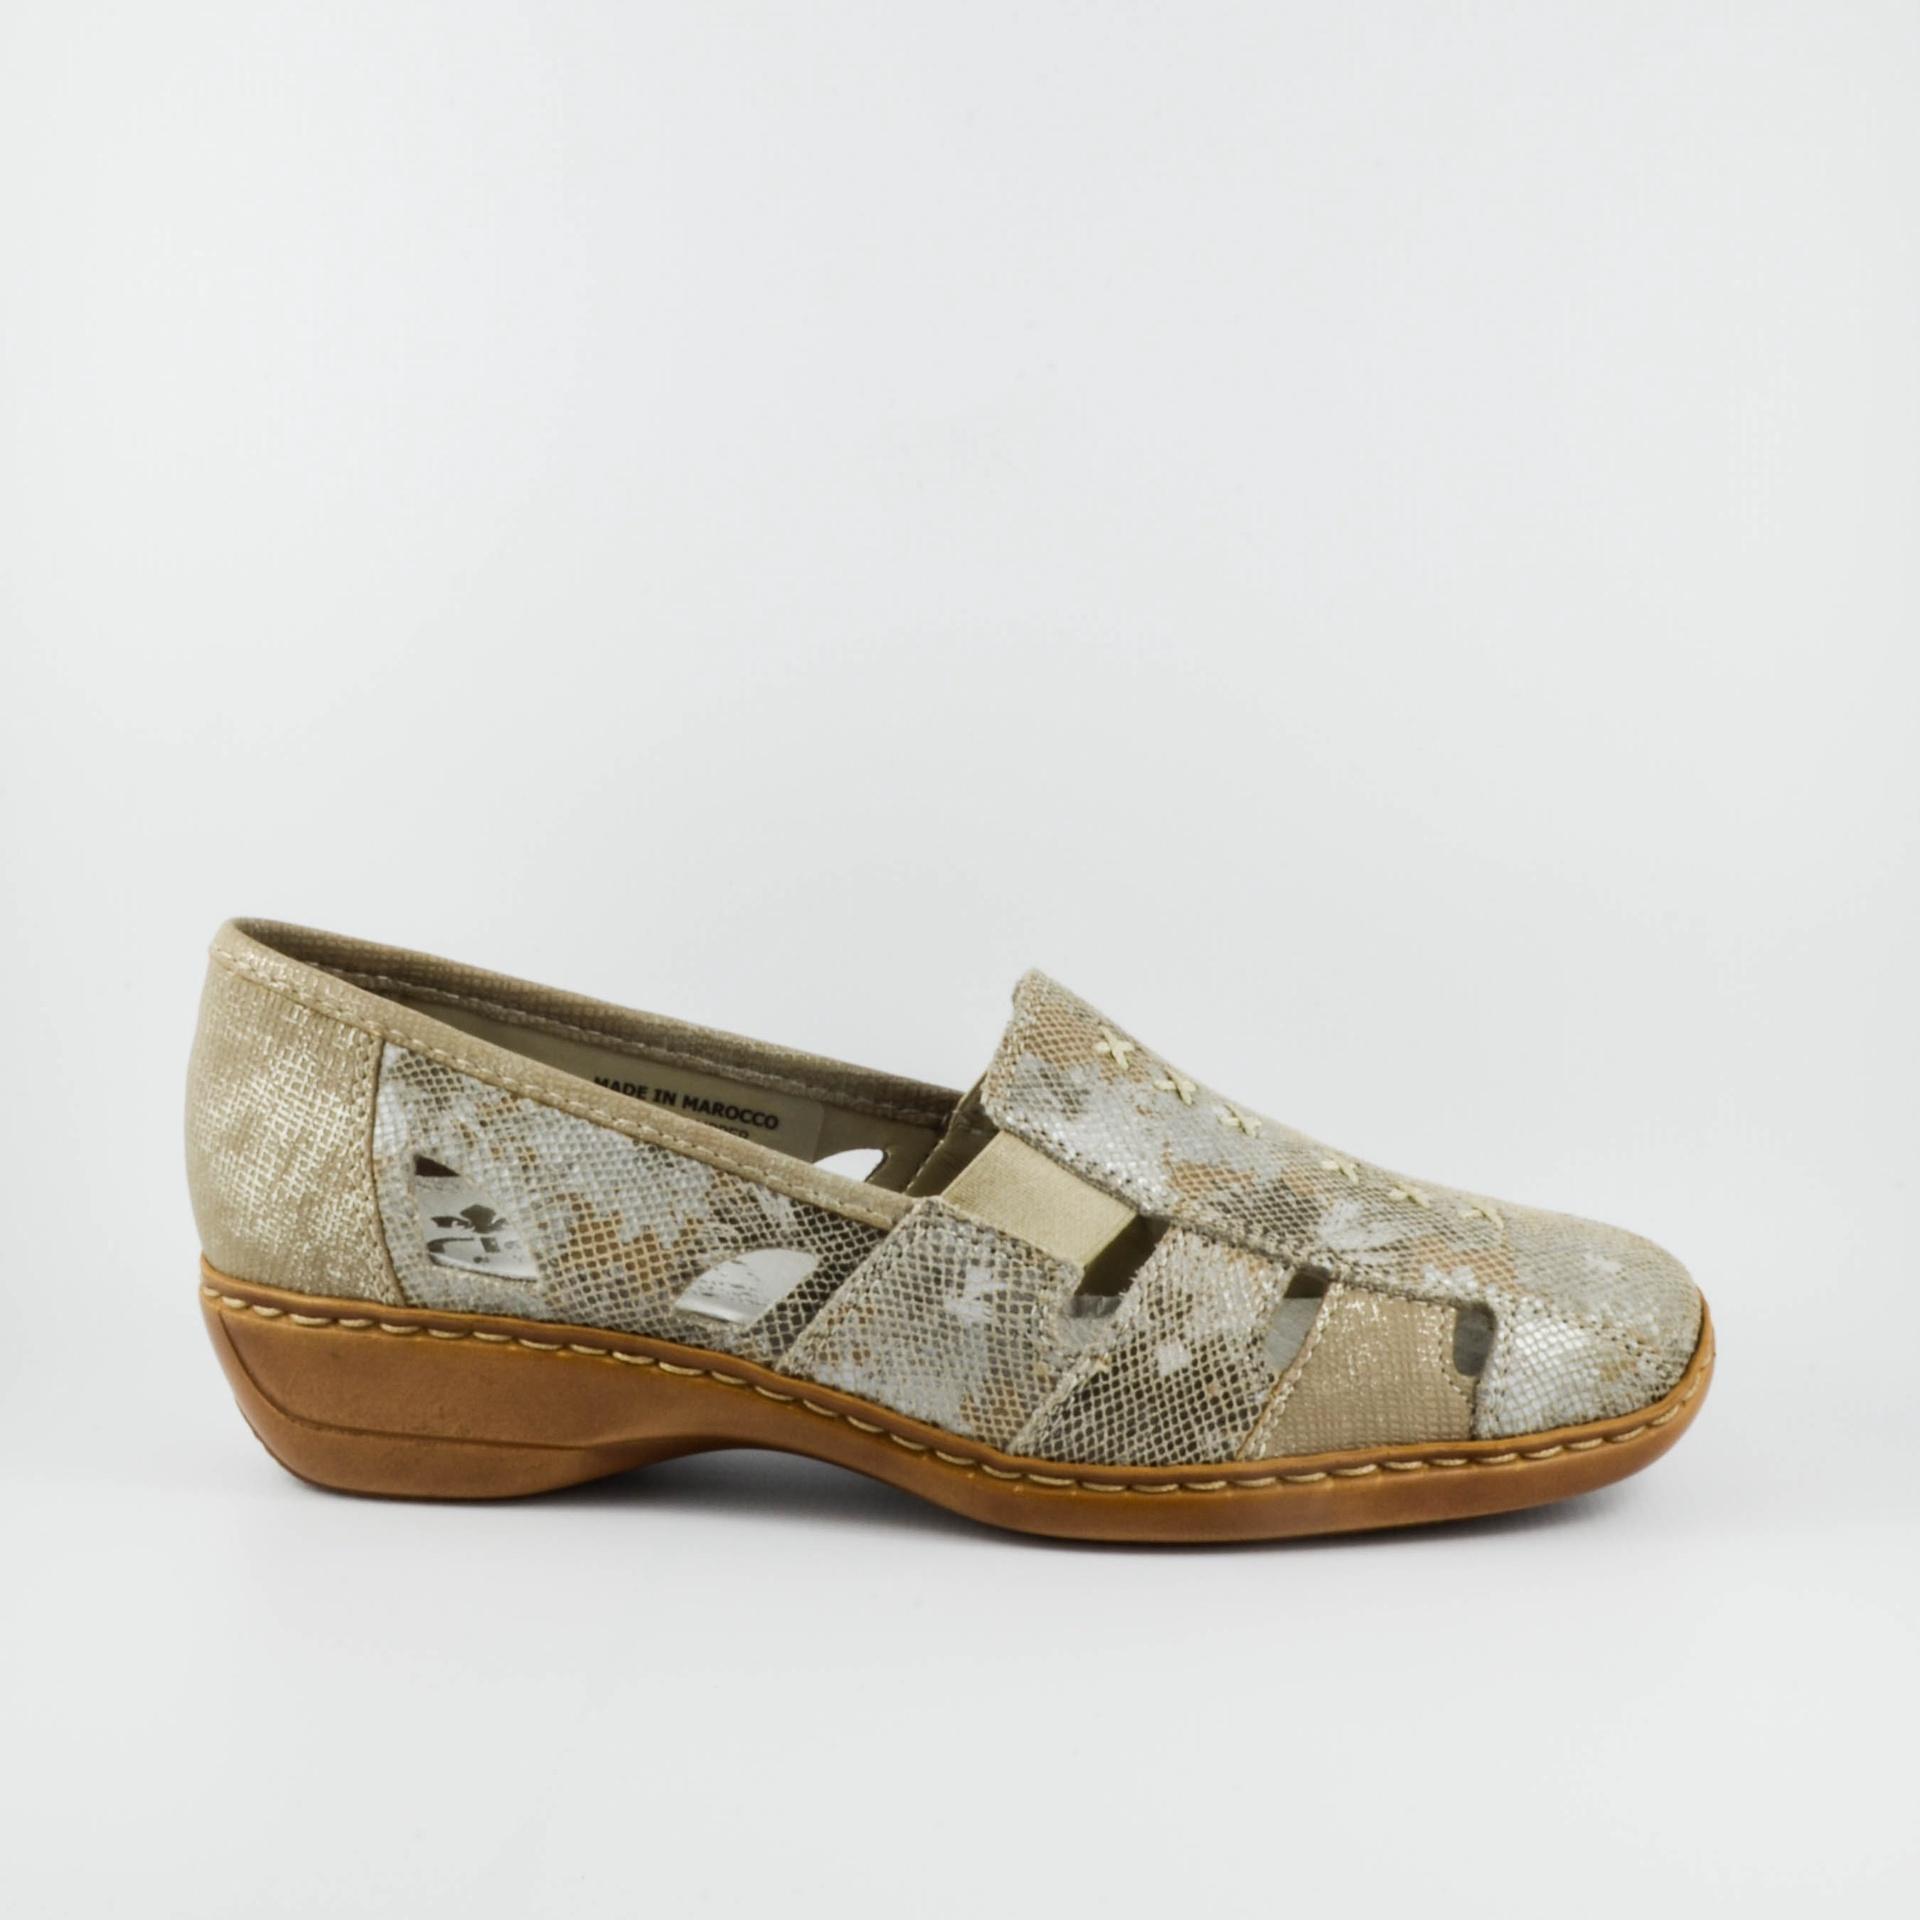 Rieker 41385 (beige or metallic)